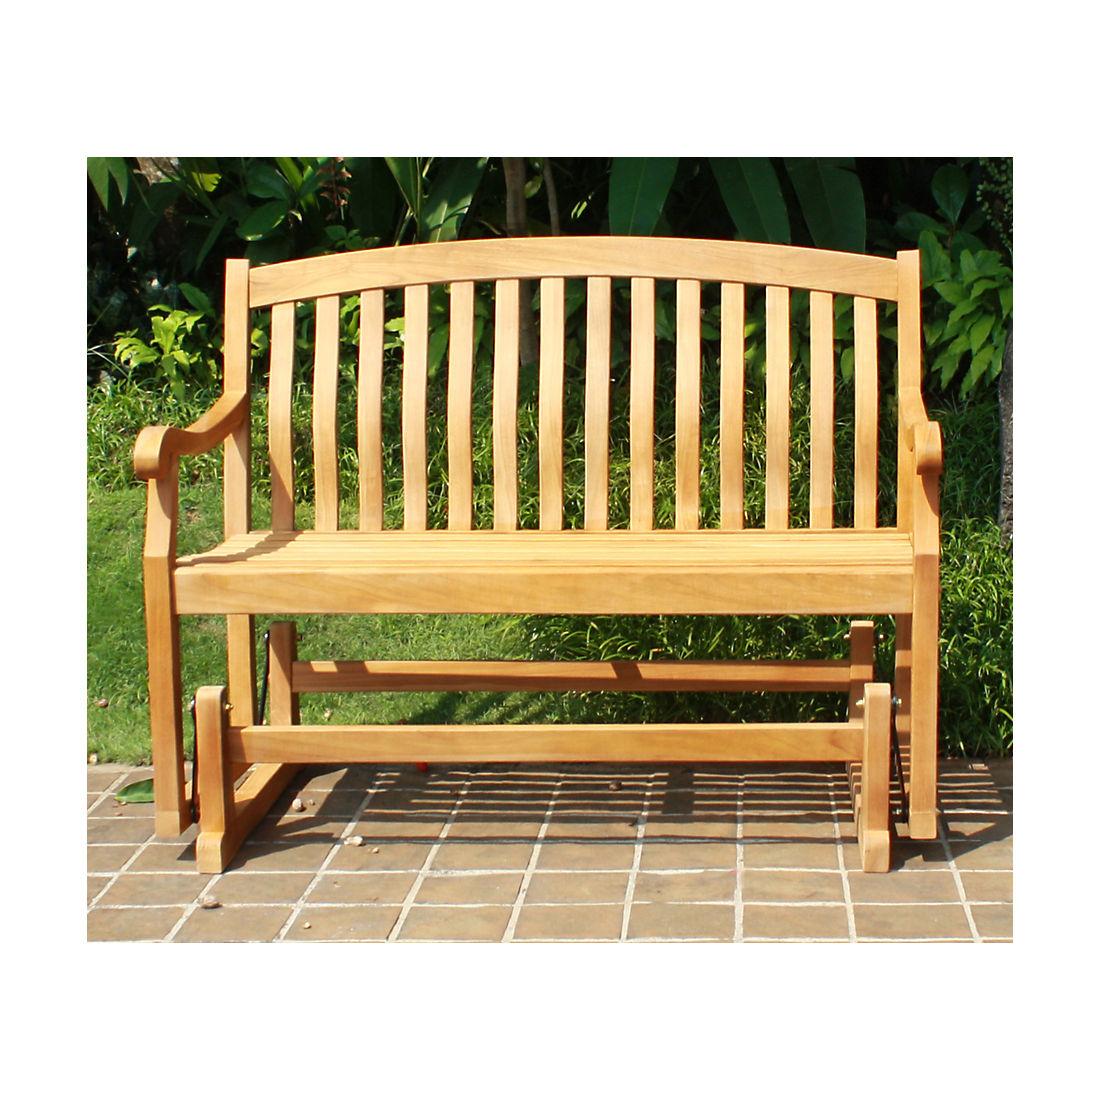 Awesome Crestwood Garden 4 Teak Glider Patio Bench Brown Machost Co Dining Chair Design Ideas Machostcouk